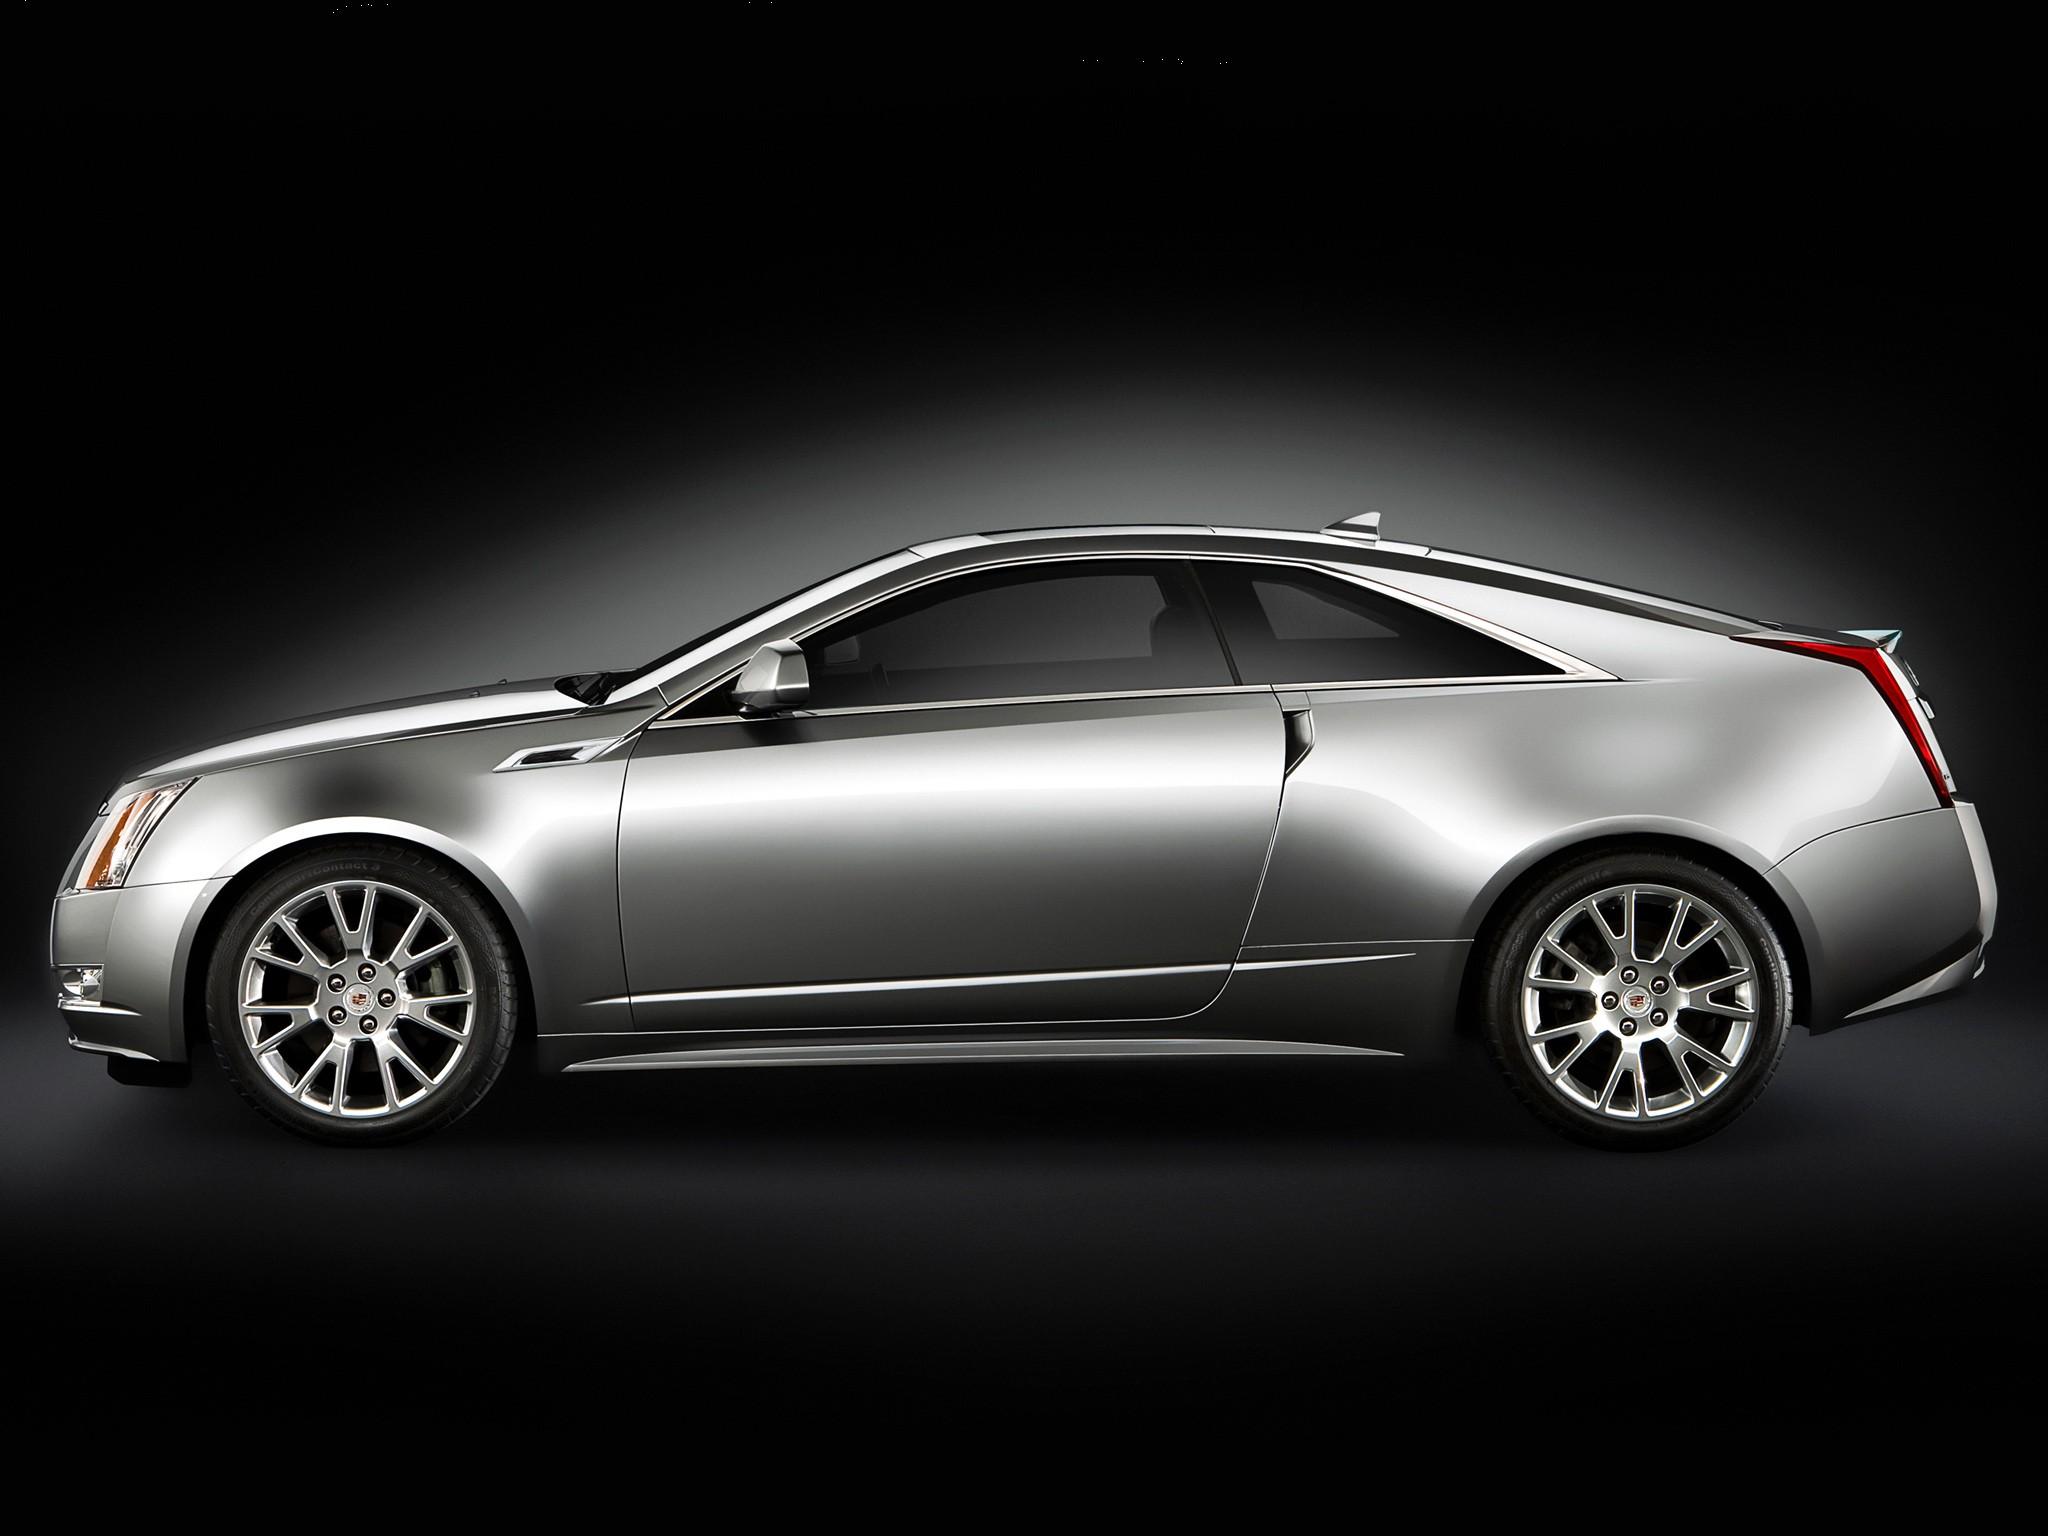 100 Reviews Cadillac Cts Coupe Horsepower on margojoyocom